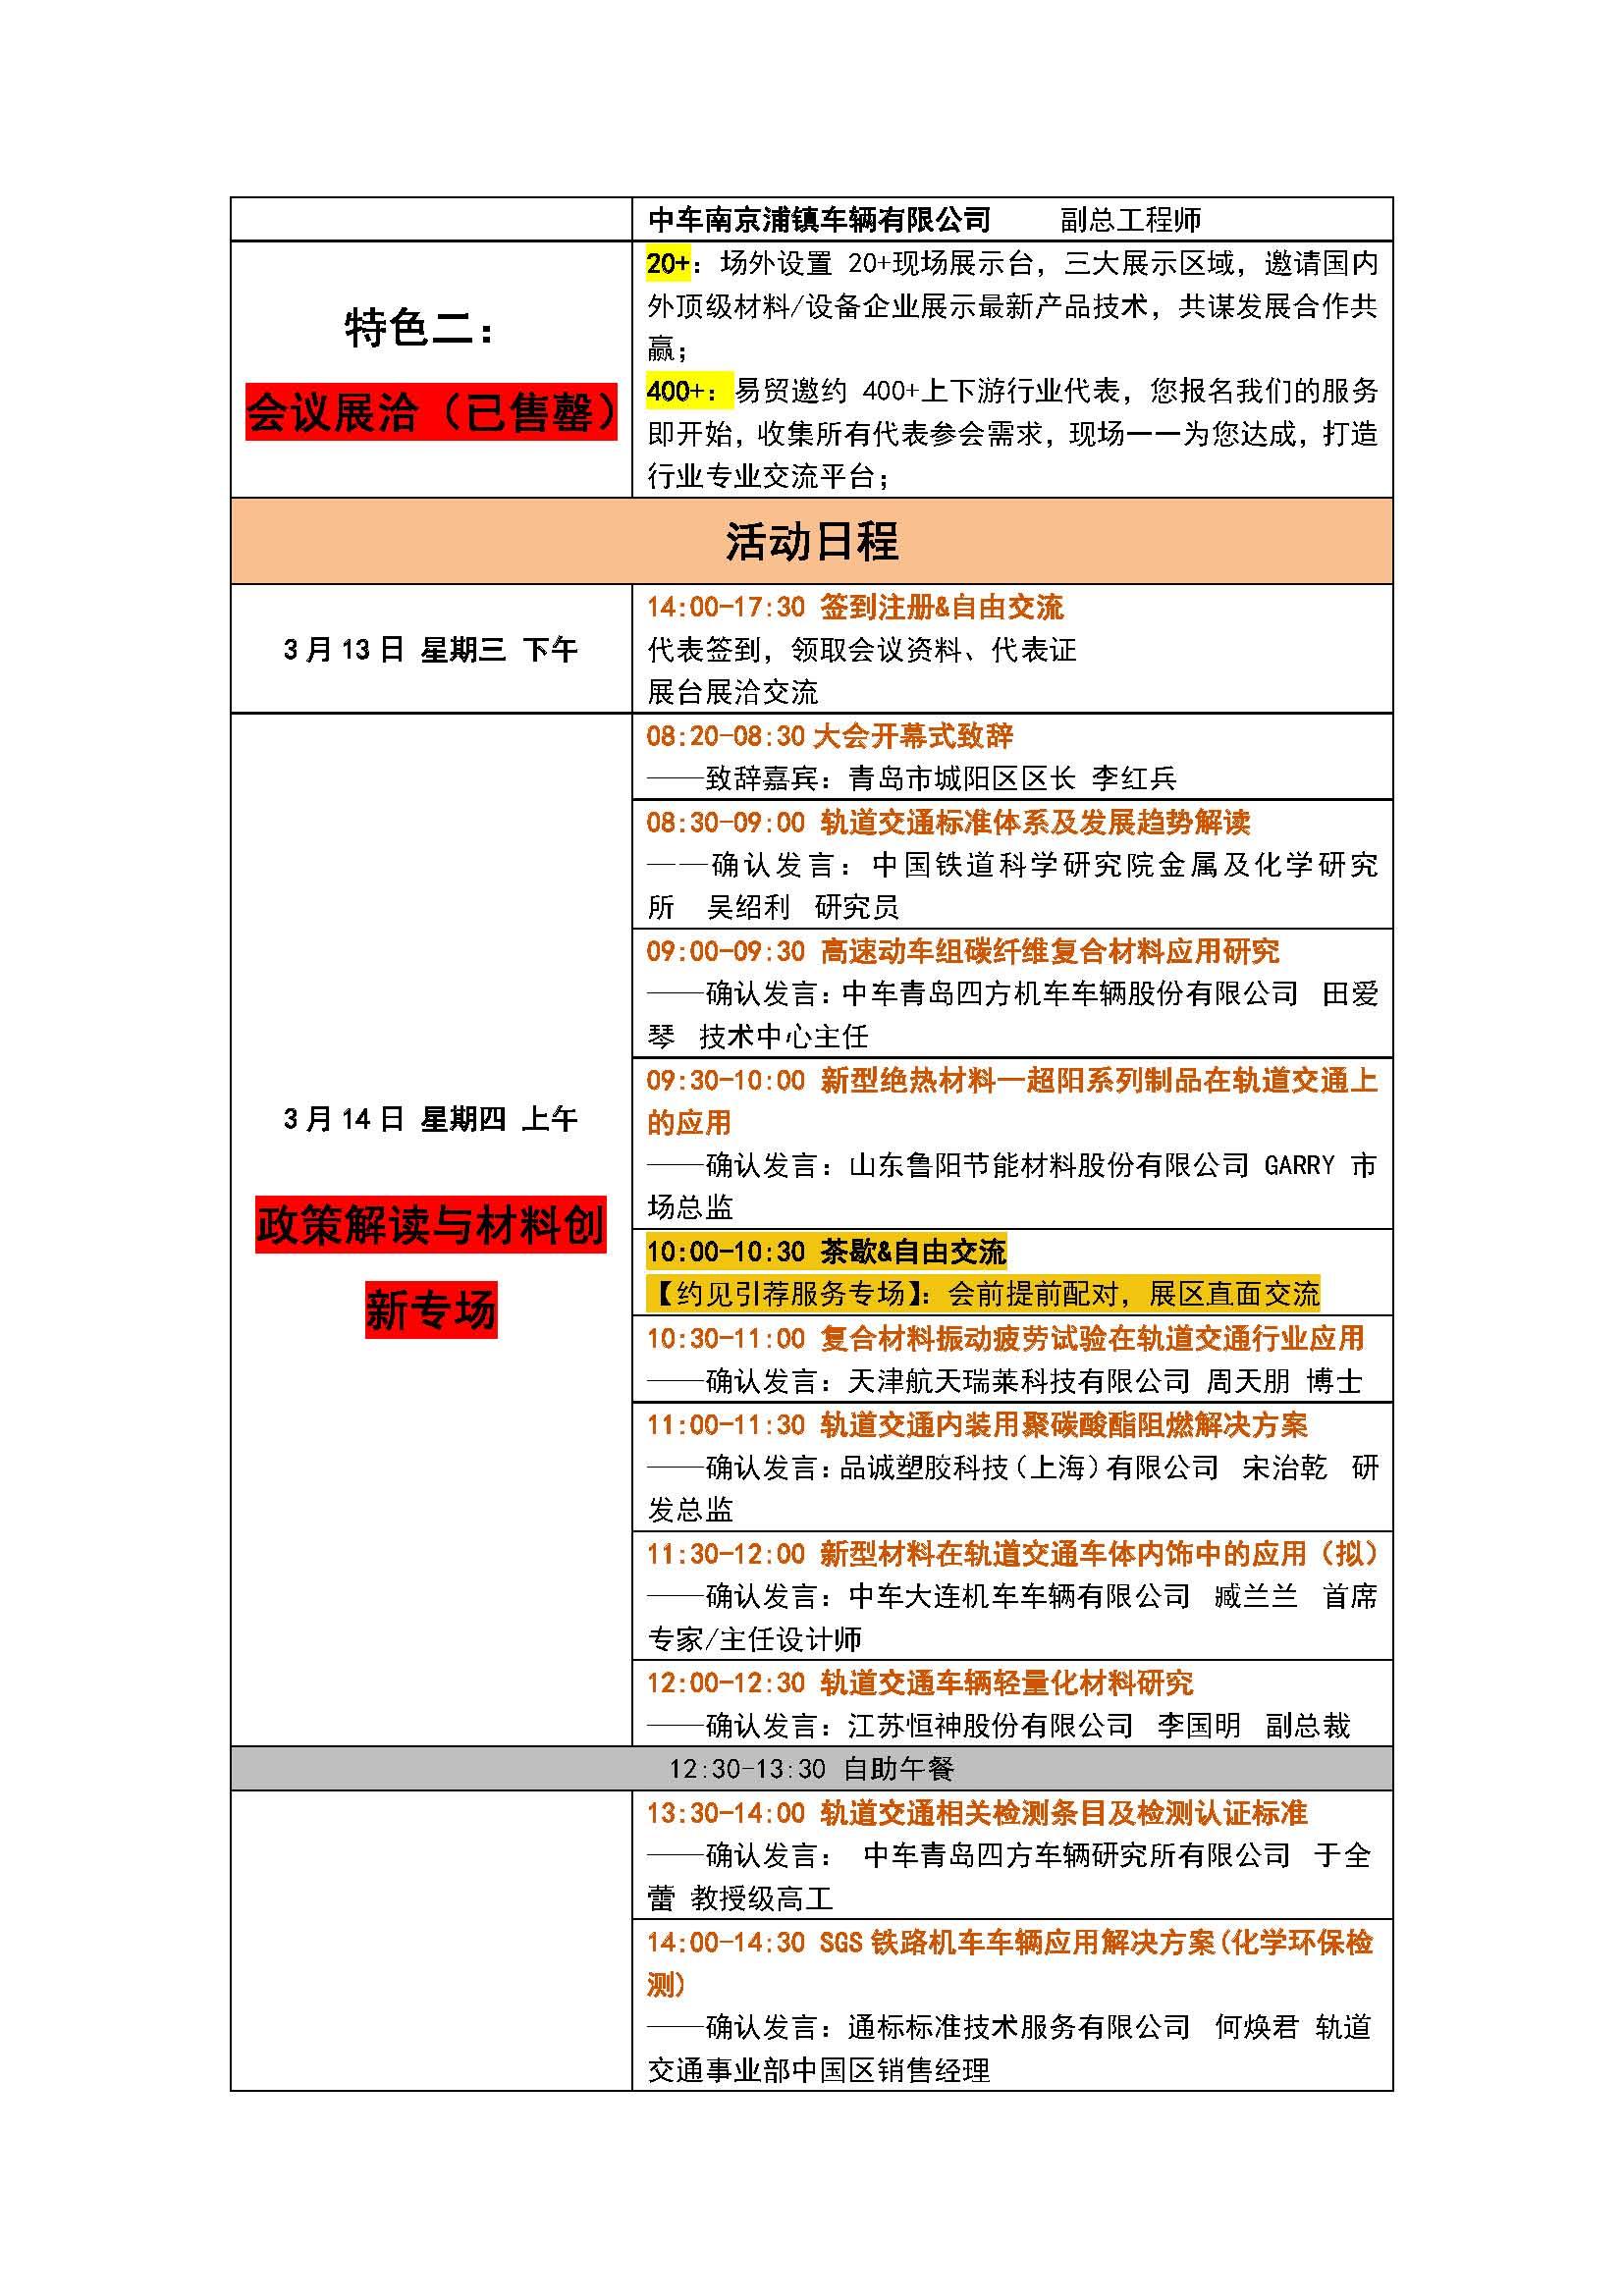 2019-第四届青岛中国轨道交通新材料产业高峰论坛——顾经理_页面_02